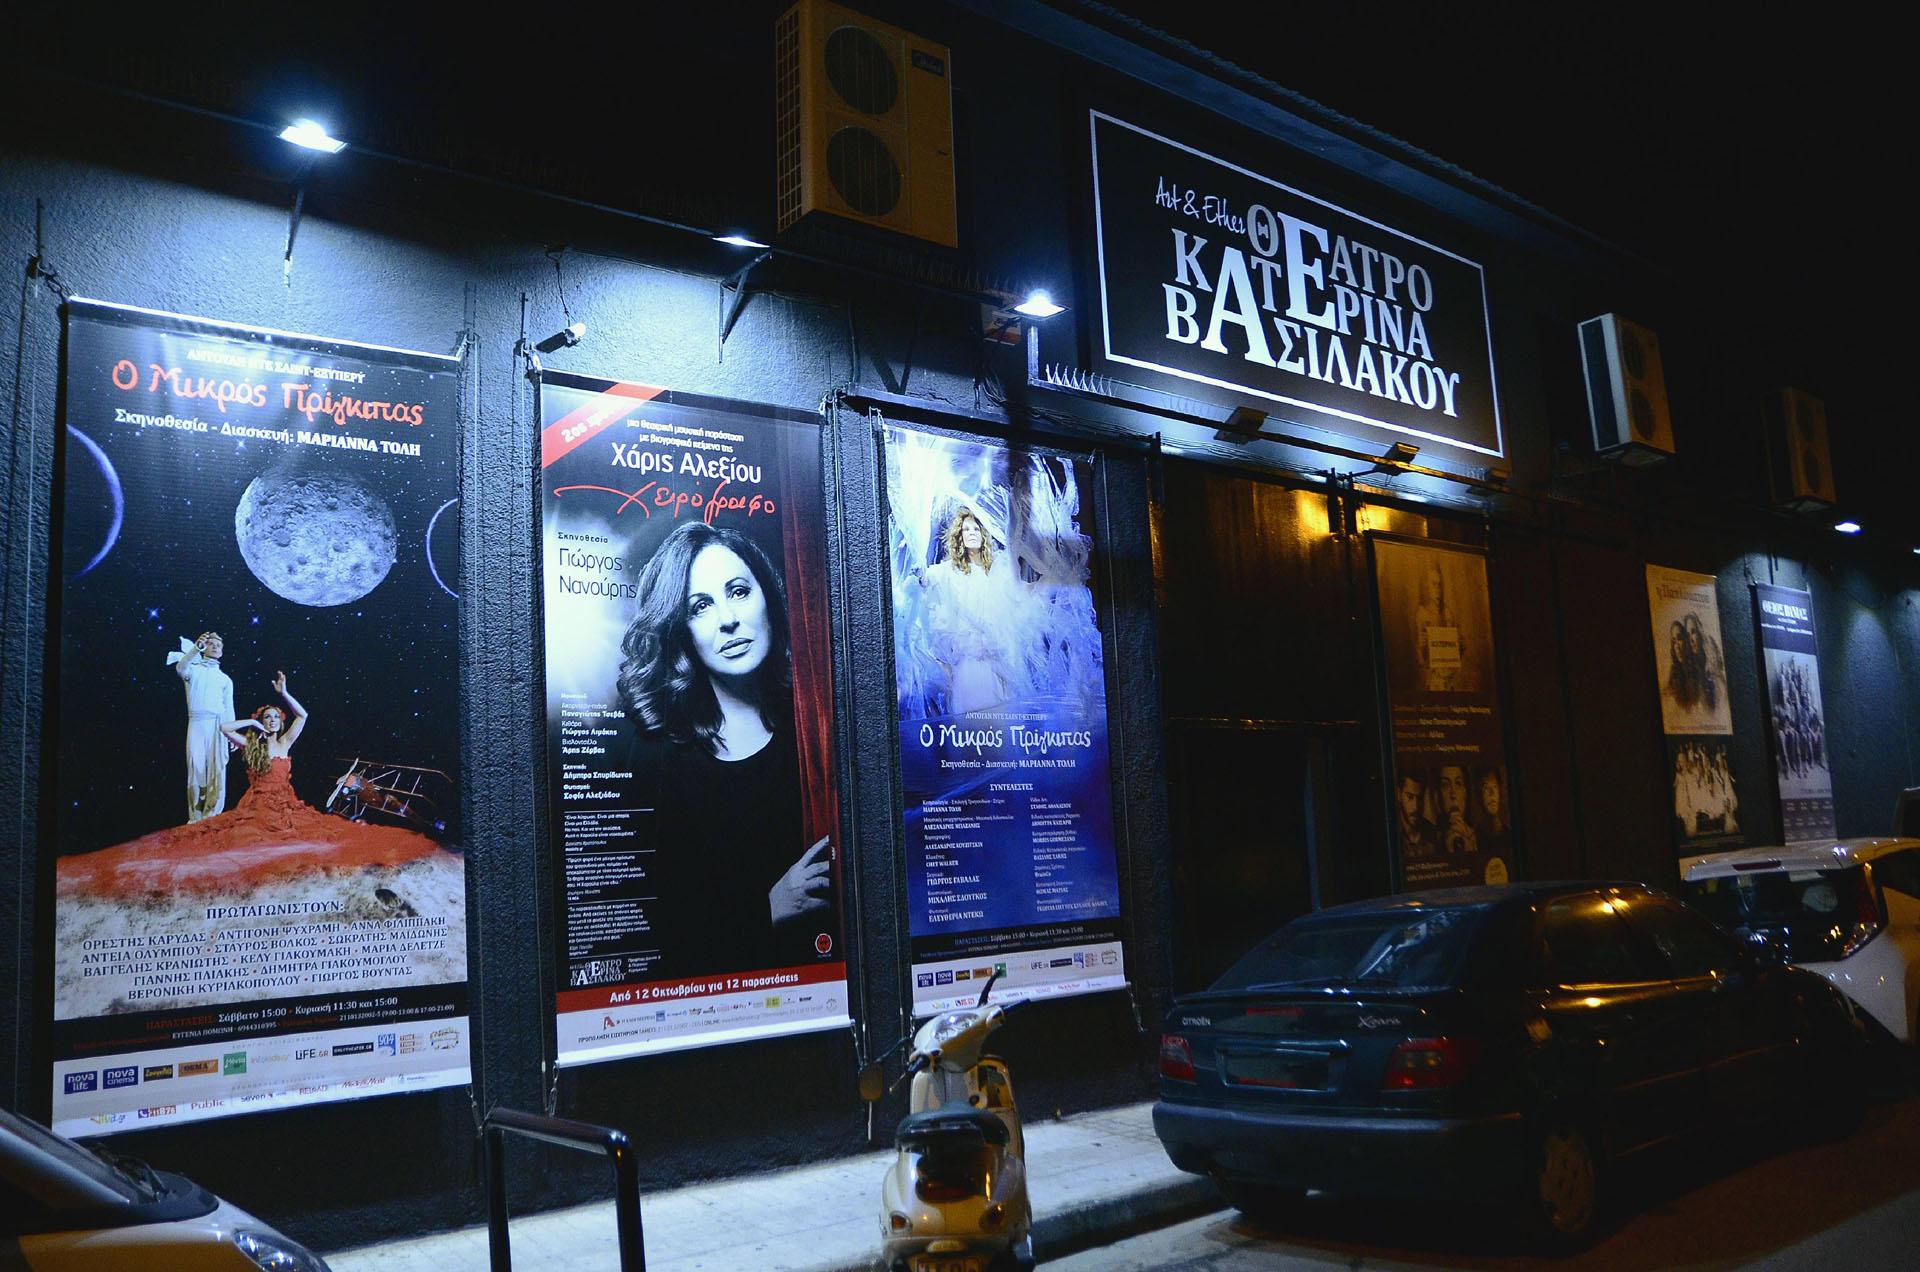 Νέο Θέατρο Κατερίνα Βασιλάκου